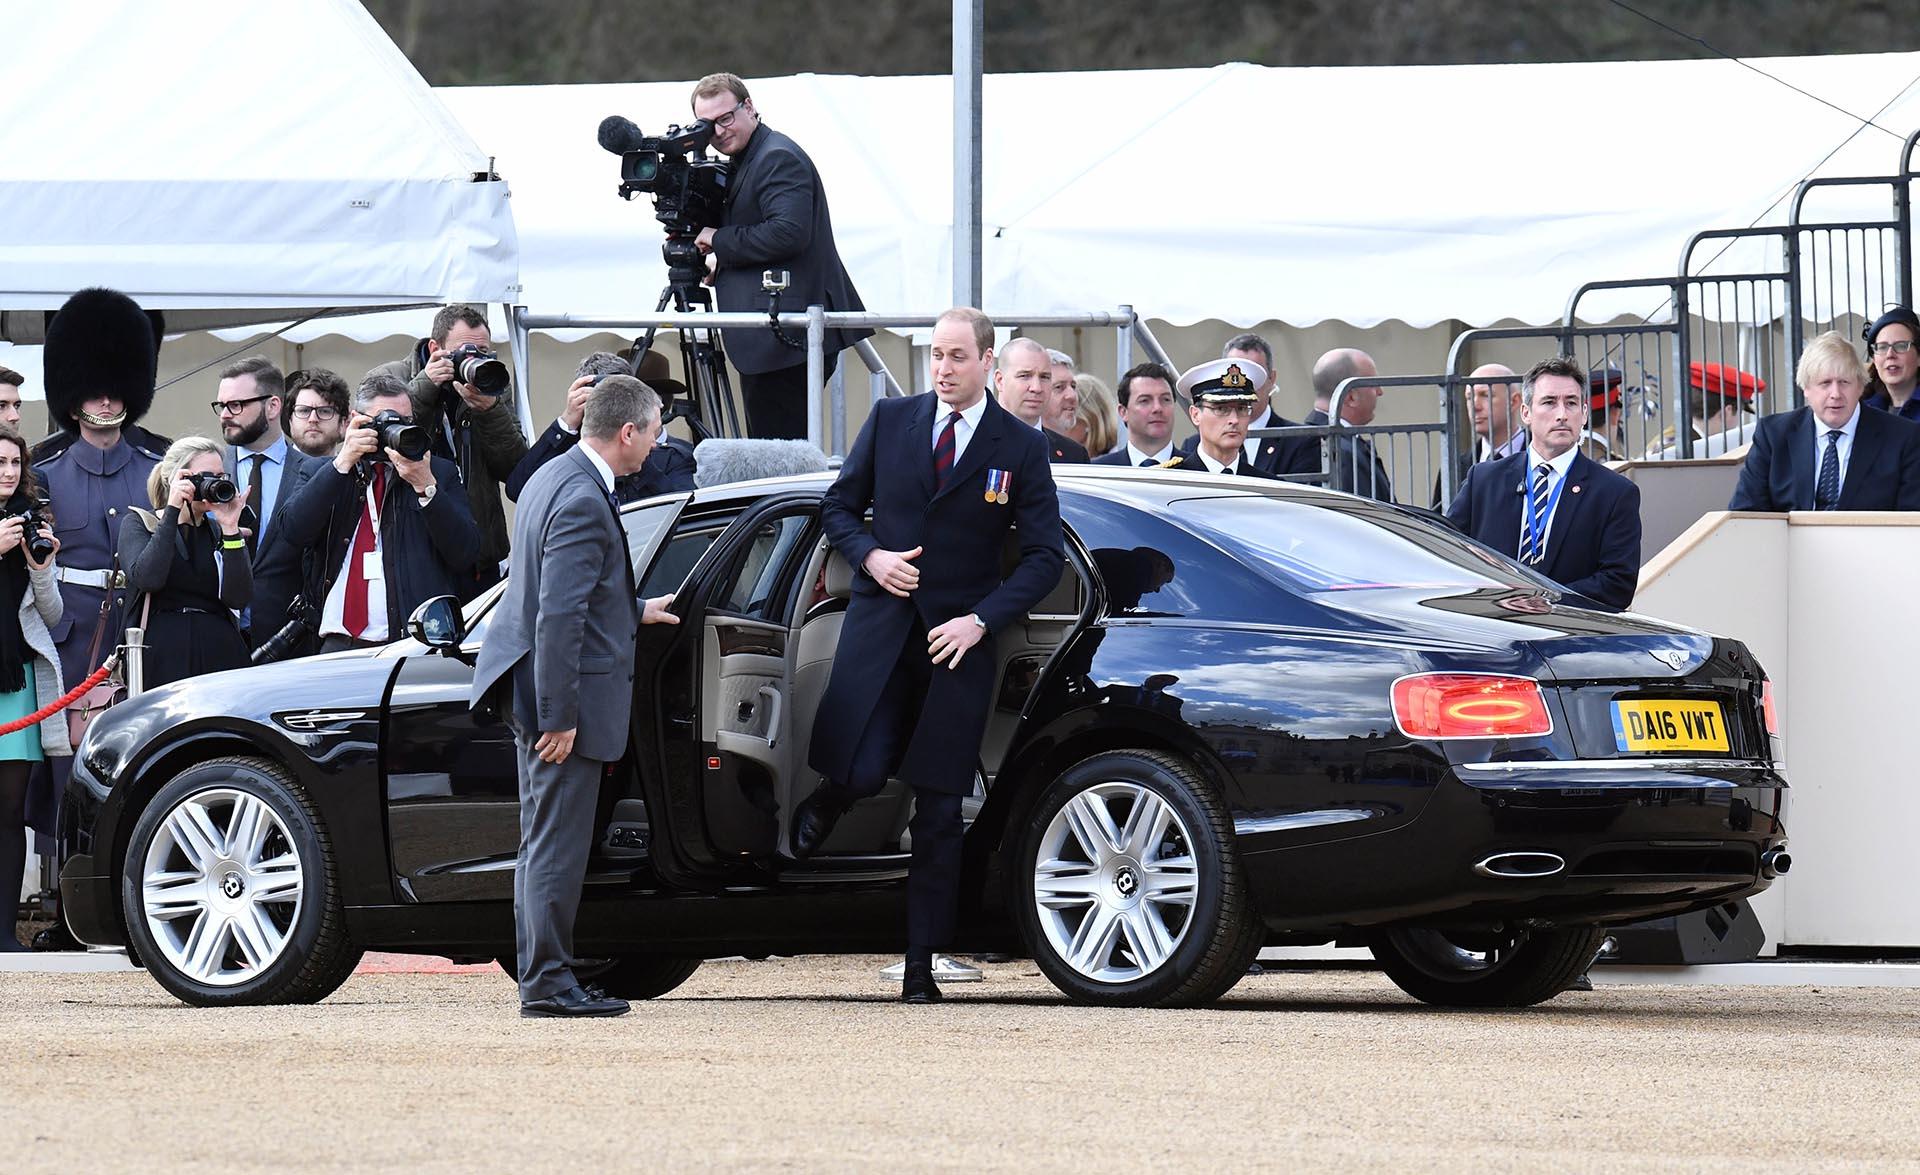 La llegada del príncipe Guillermo